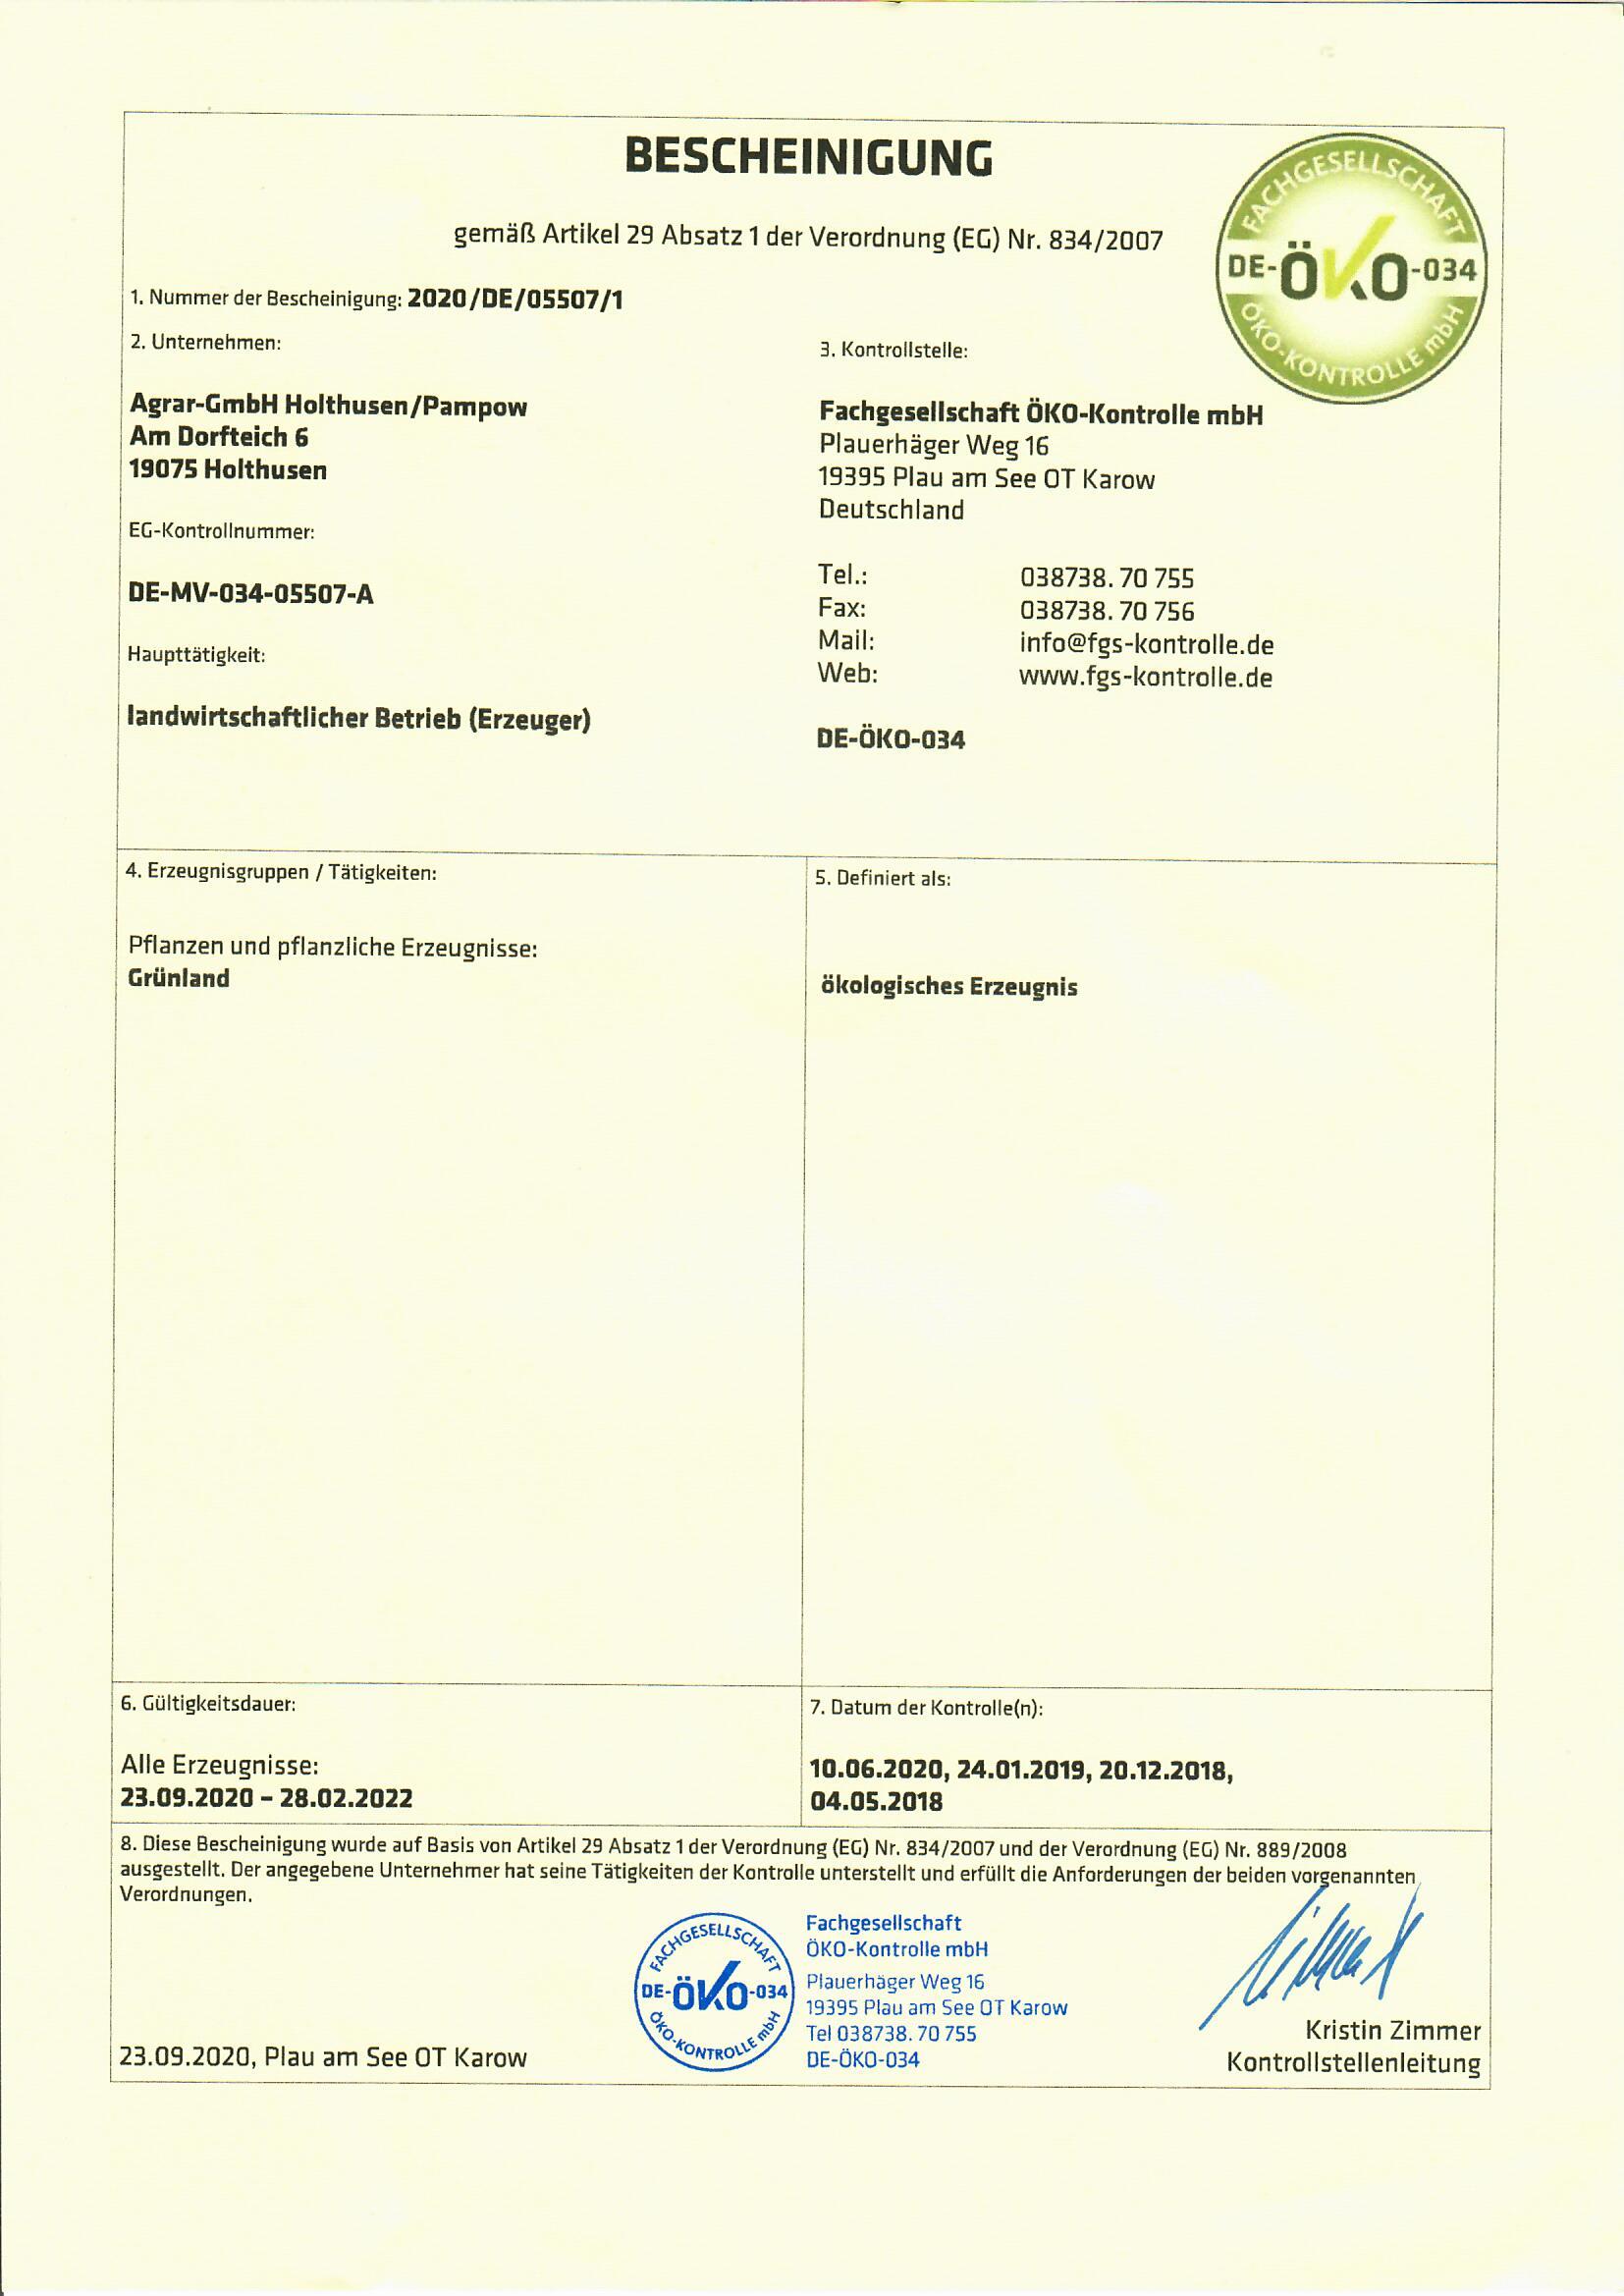 ÖKO-Bescheinigung 23.09.2020